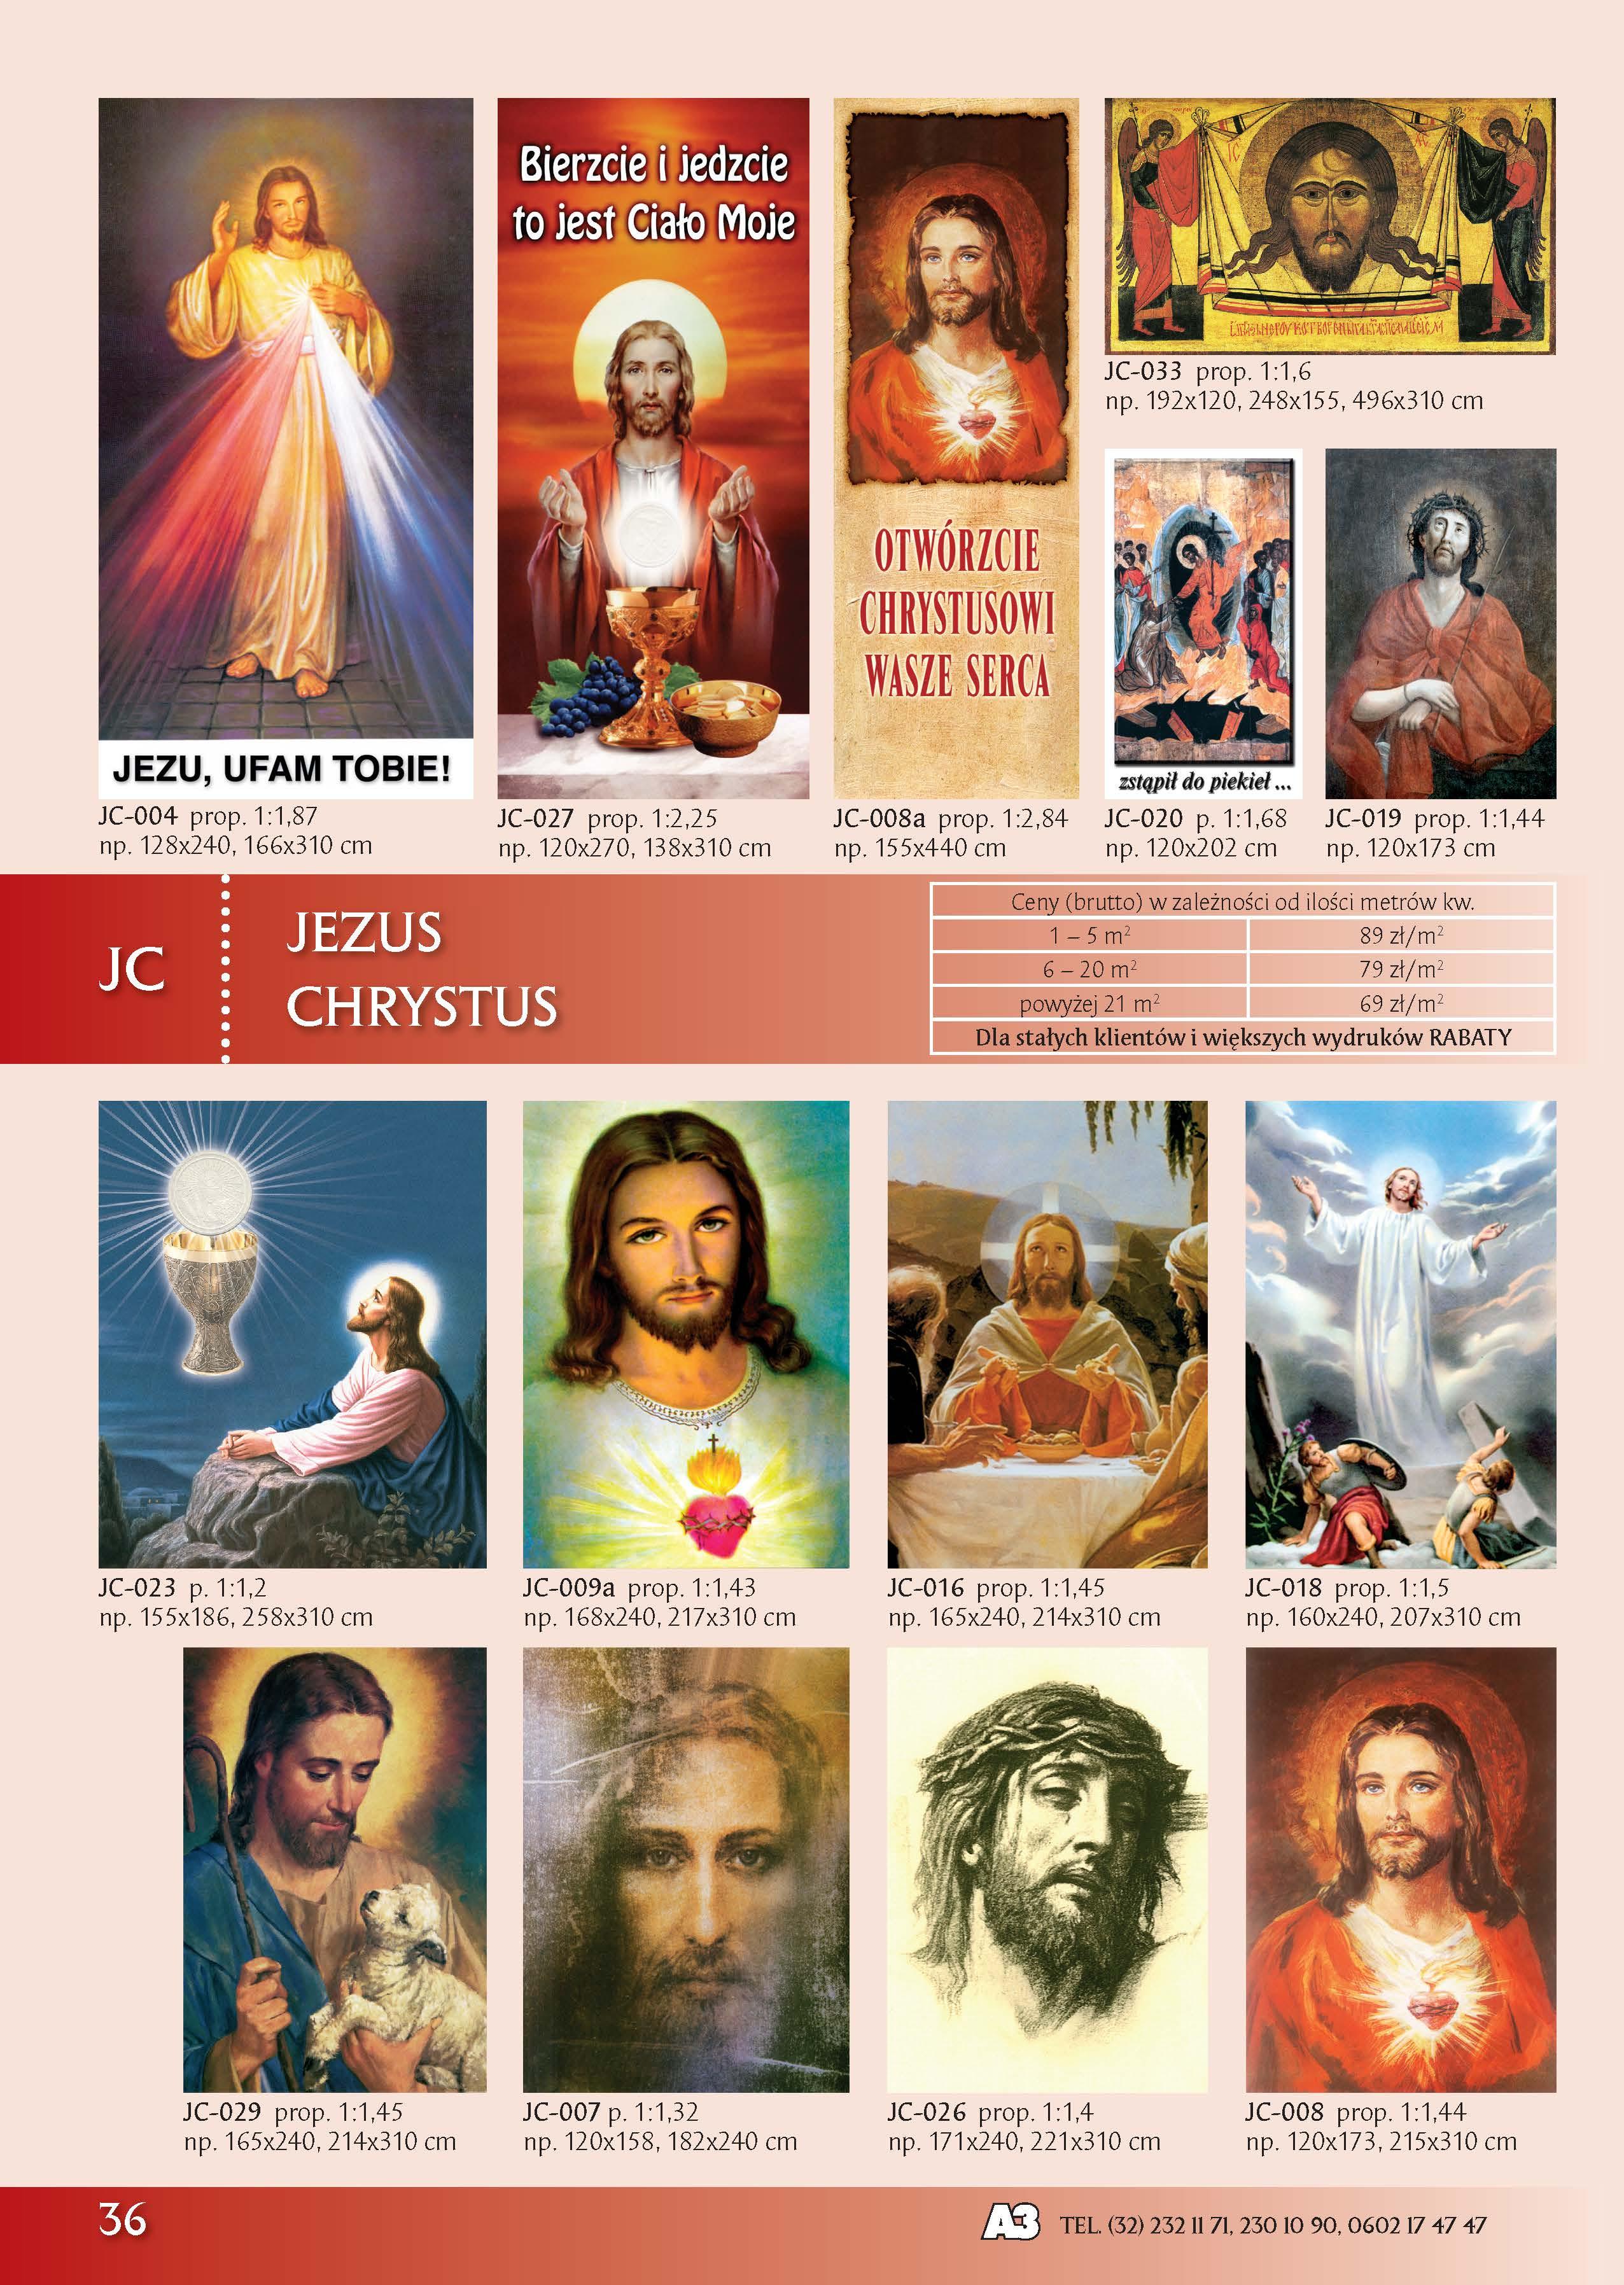 Banery z Jezusem Chrystusem